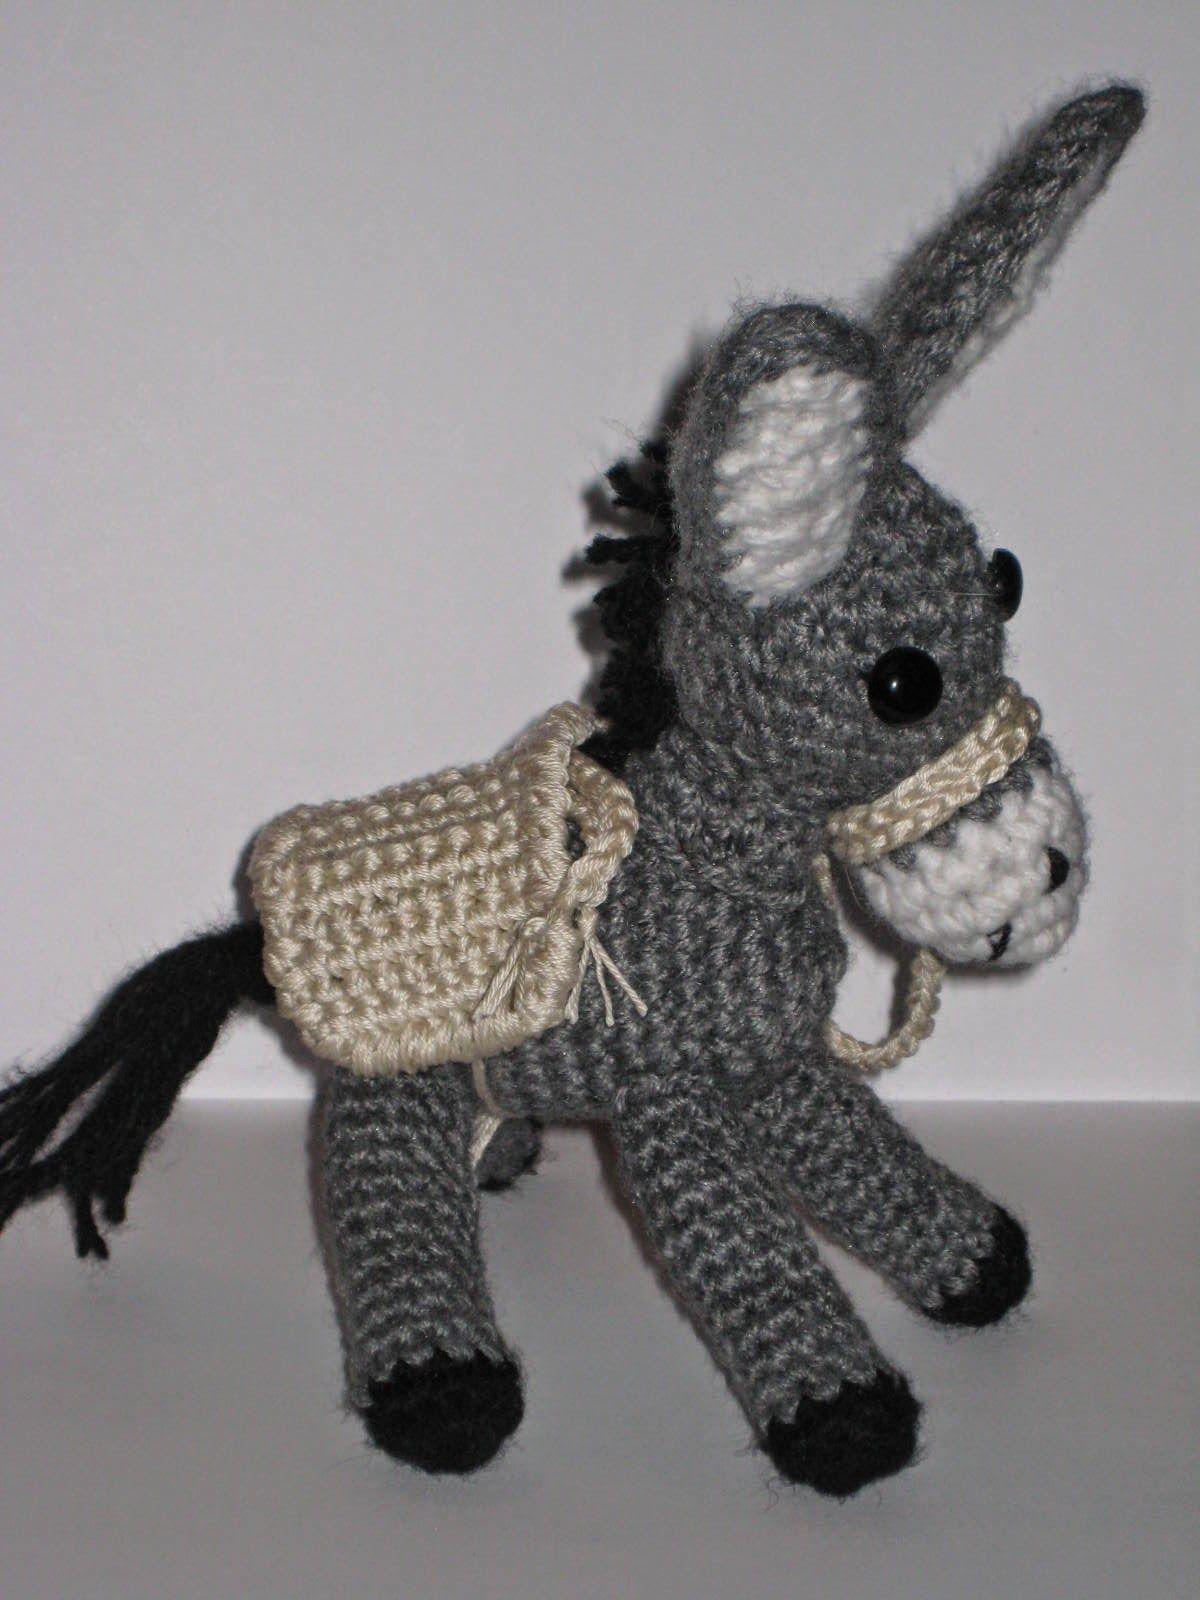 Crochet Donkey | My crochet patterns - Pletionica | Pinterest